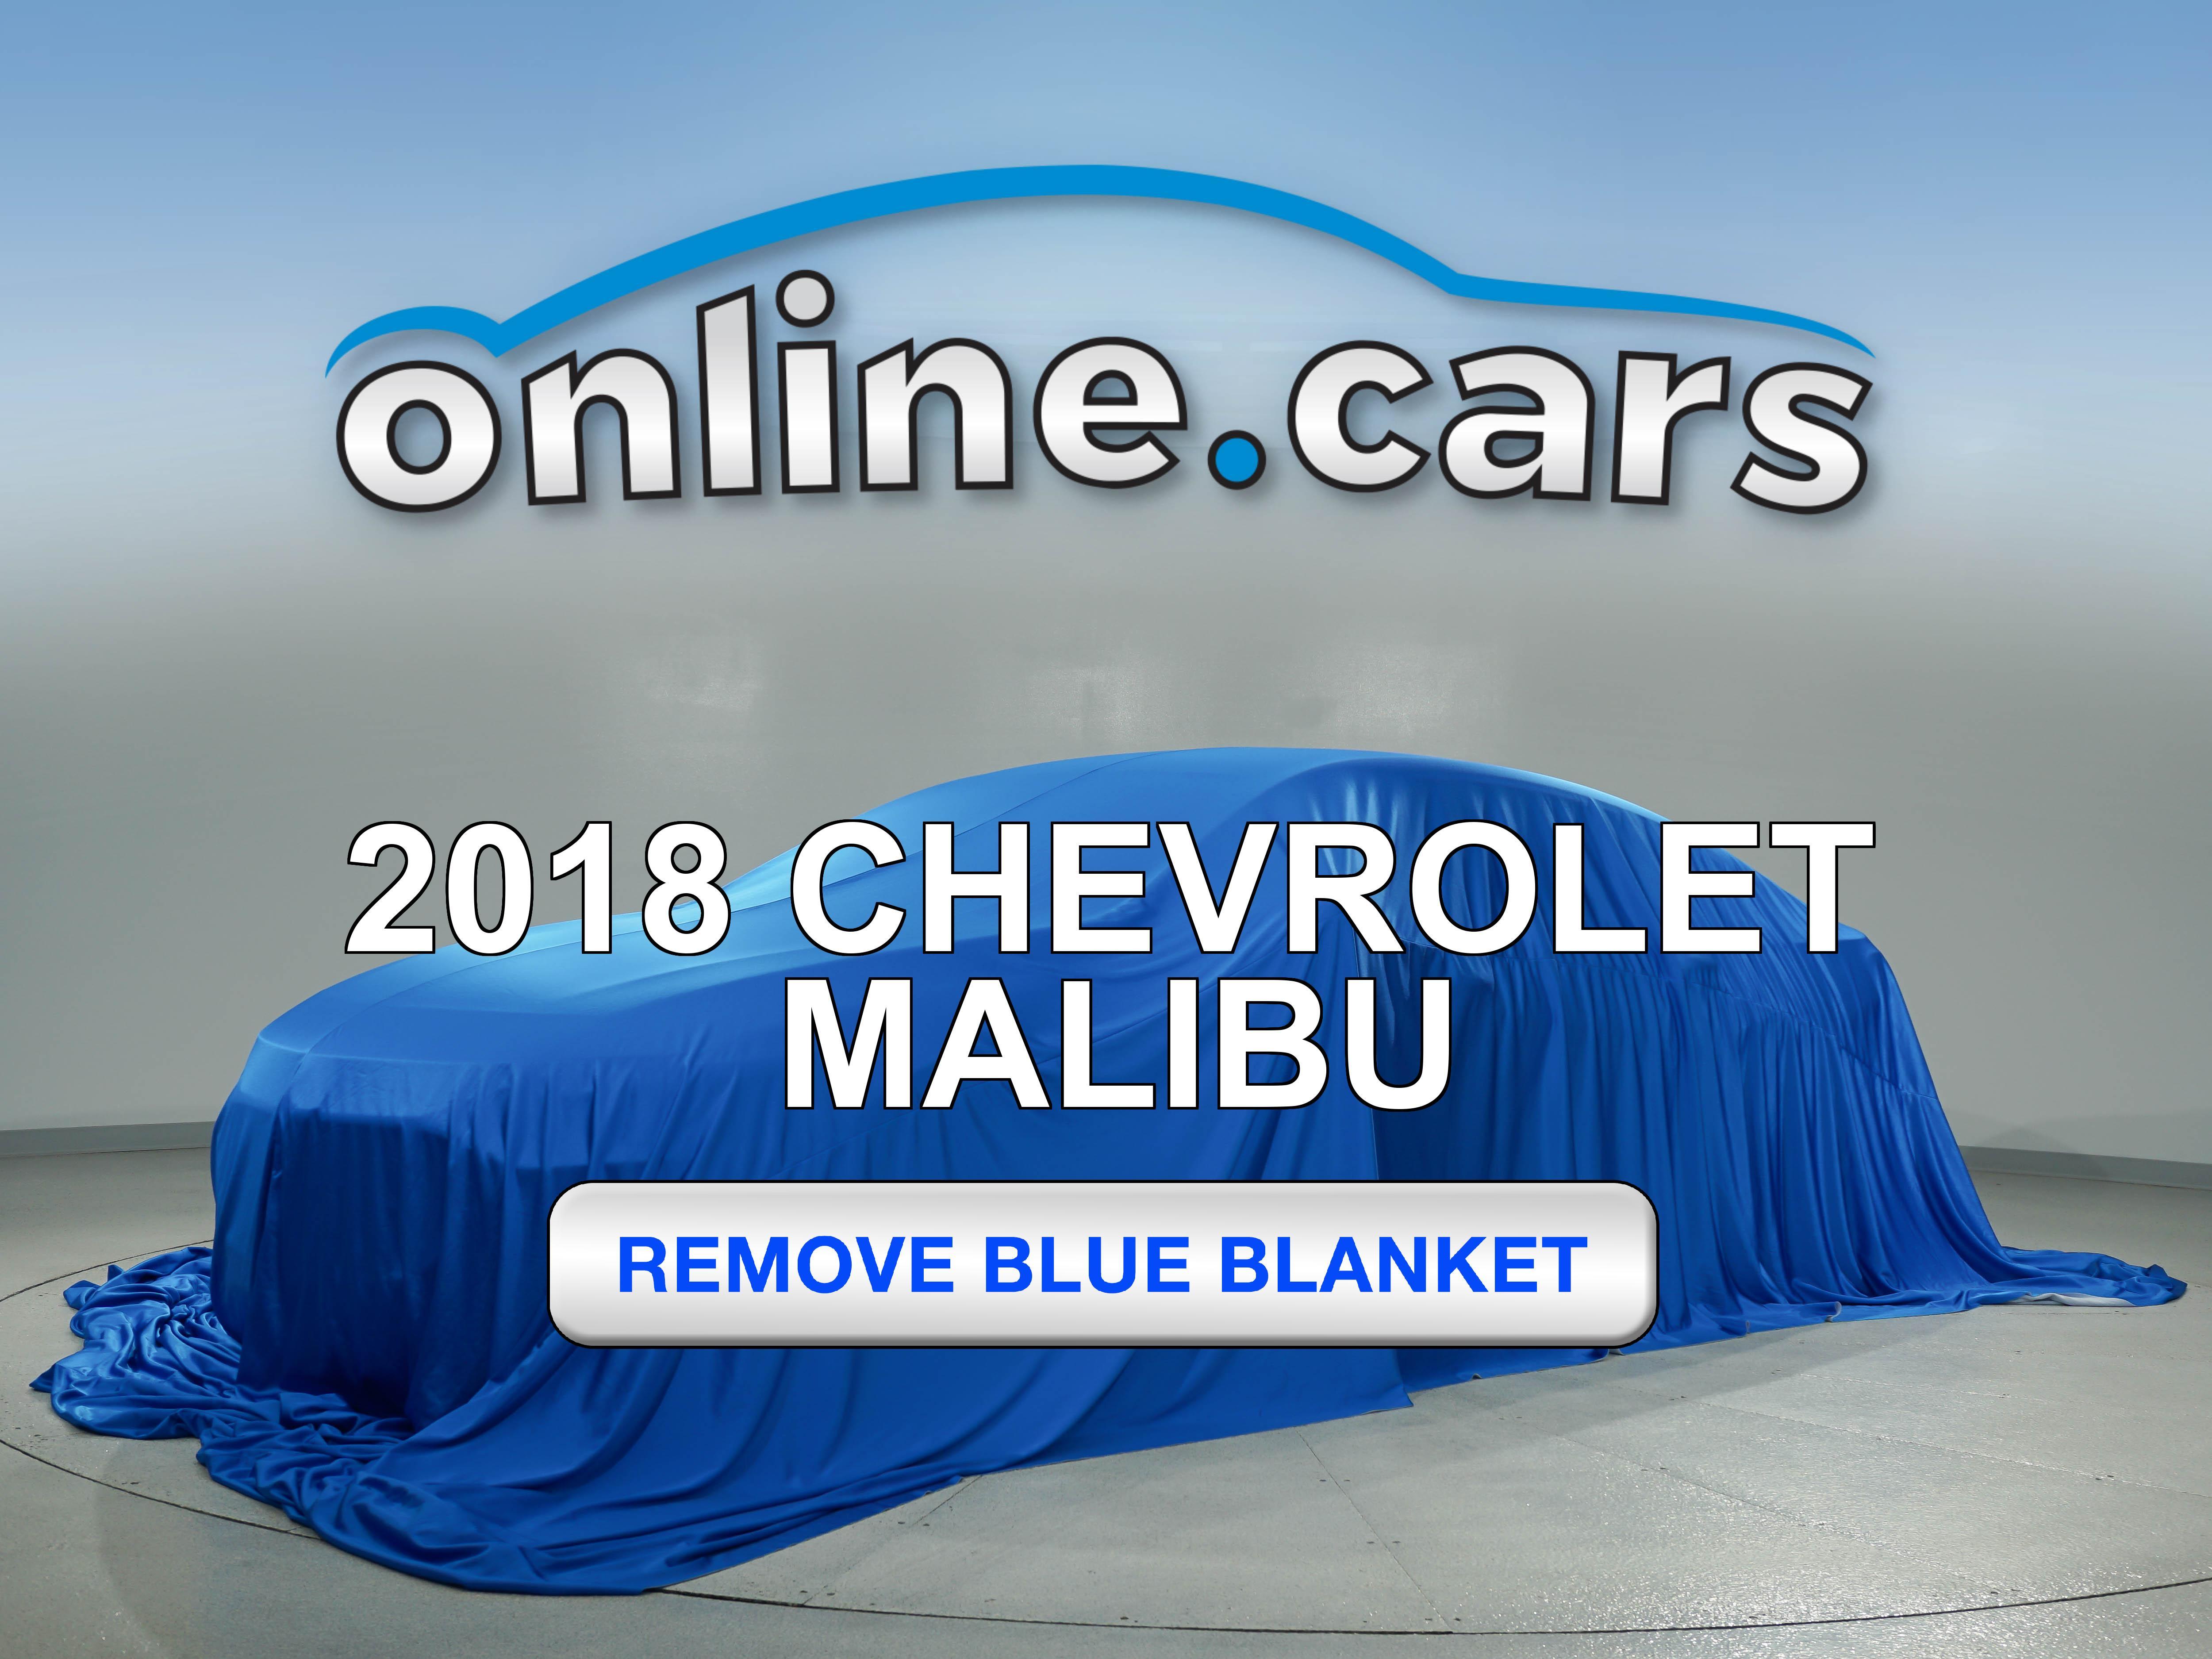 Pre-Owned 2018 Chevrolet Malibu Hybrid